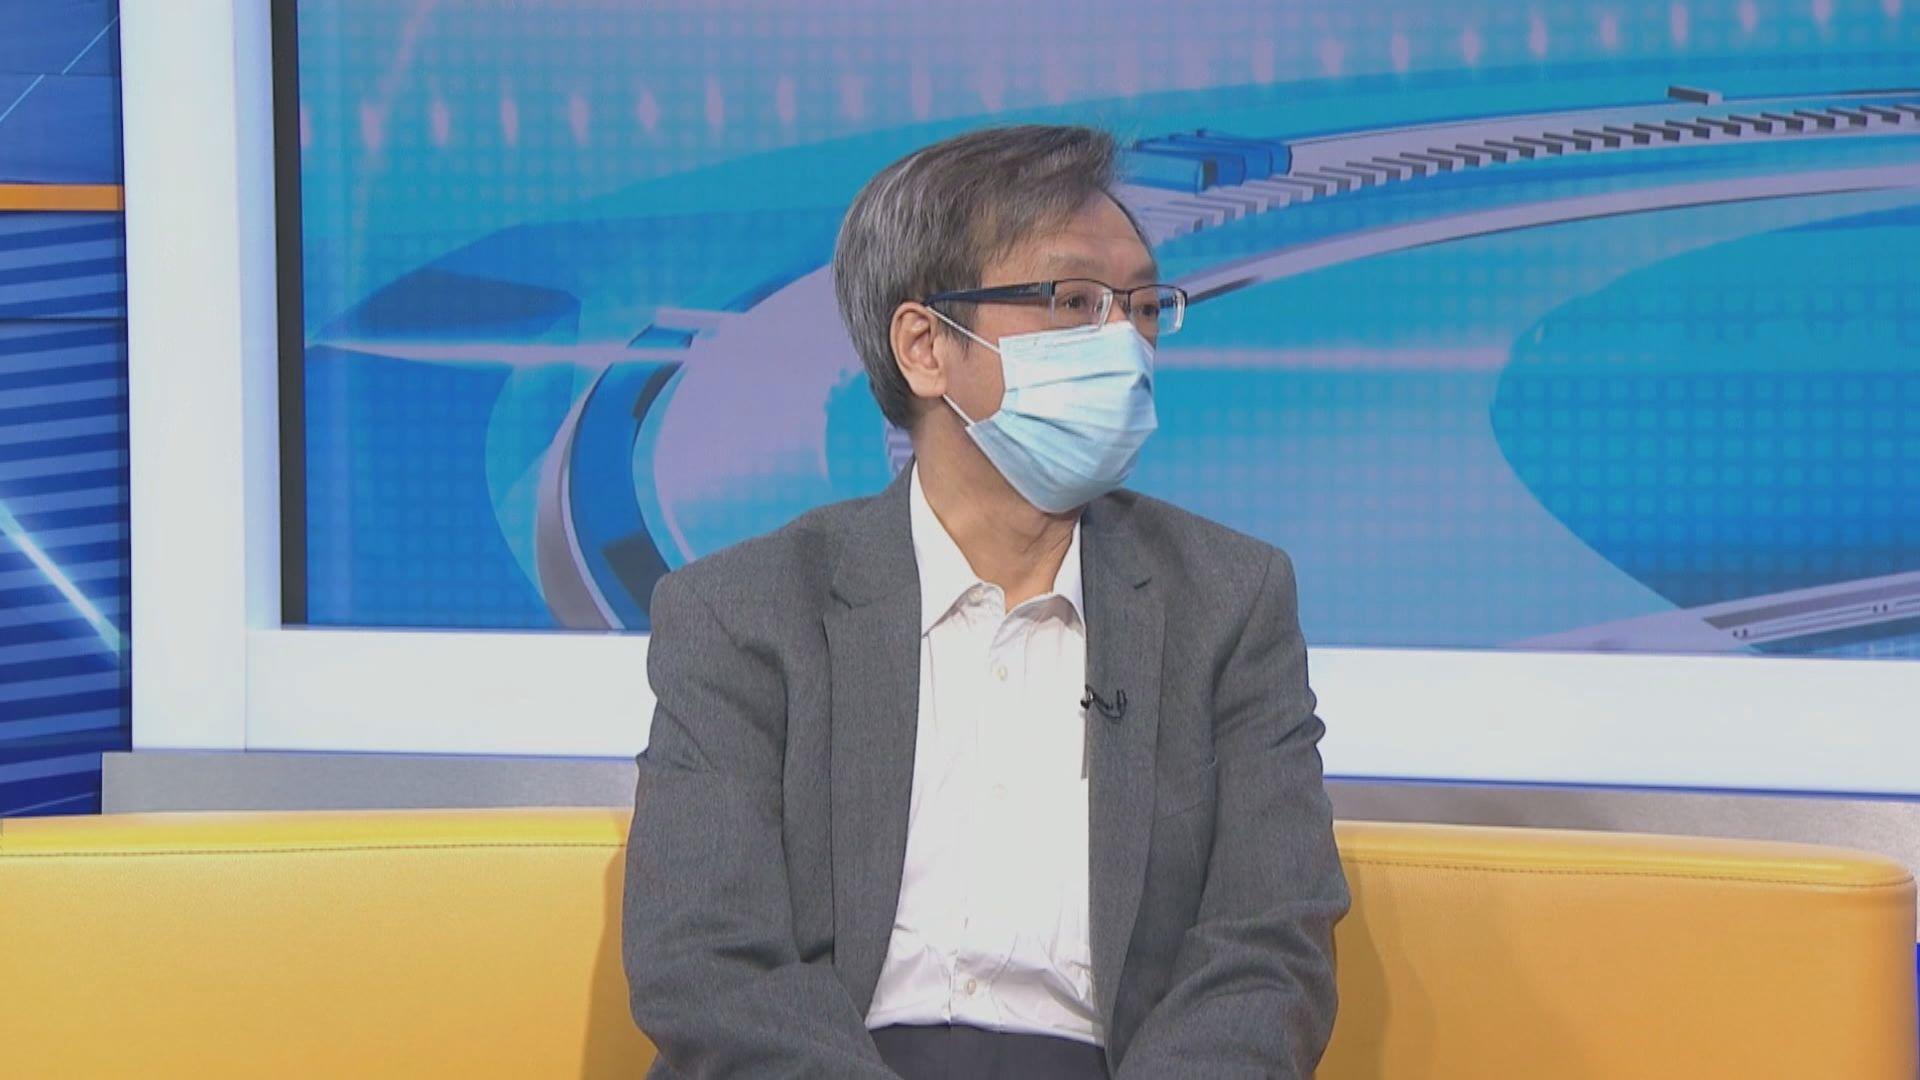 梁子超建議集體隔離病情輕微確診病人 減醫院壓力